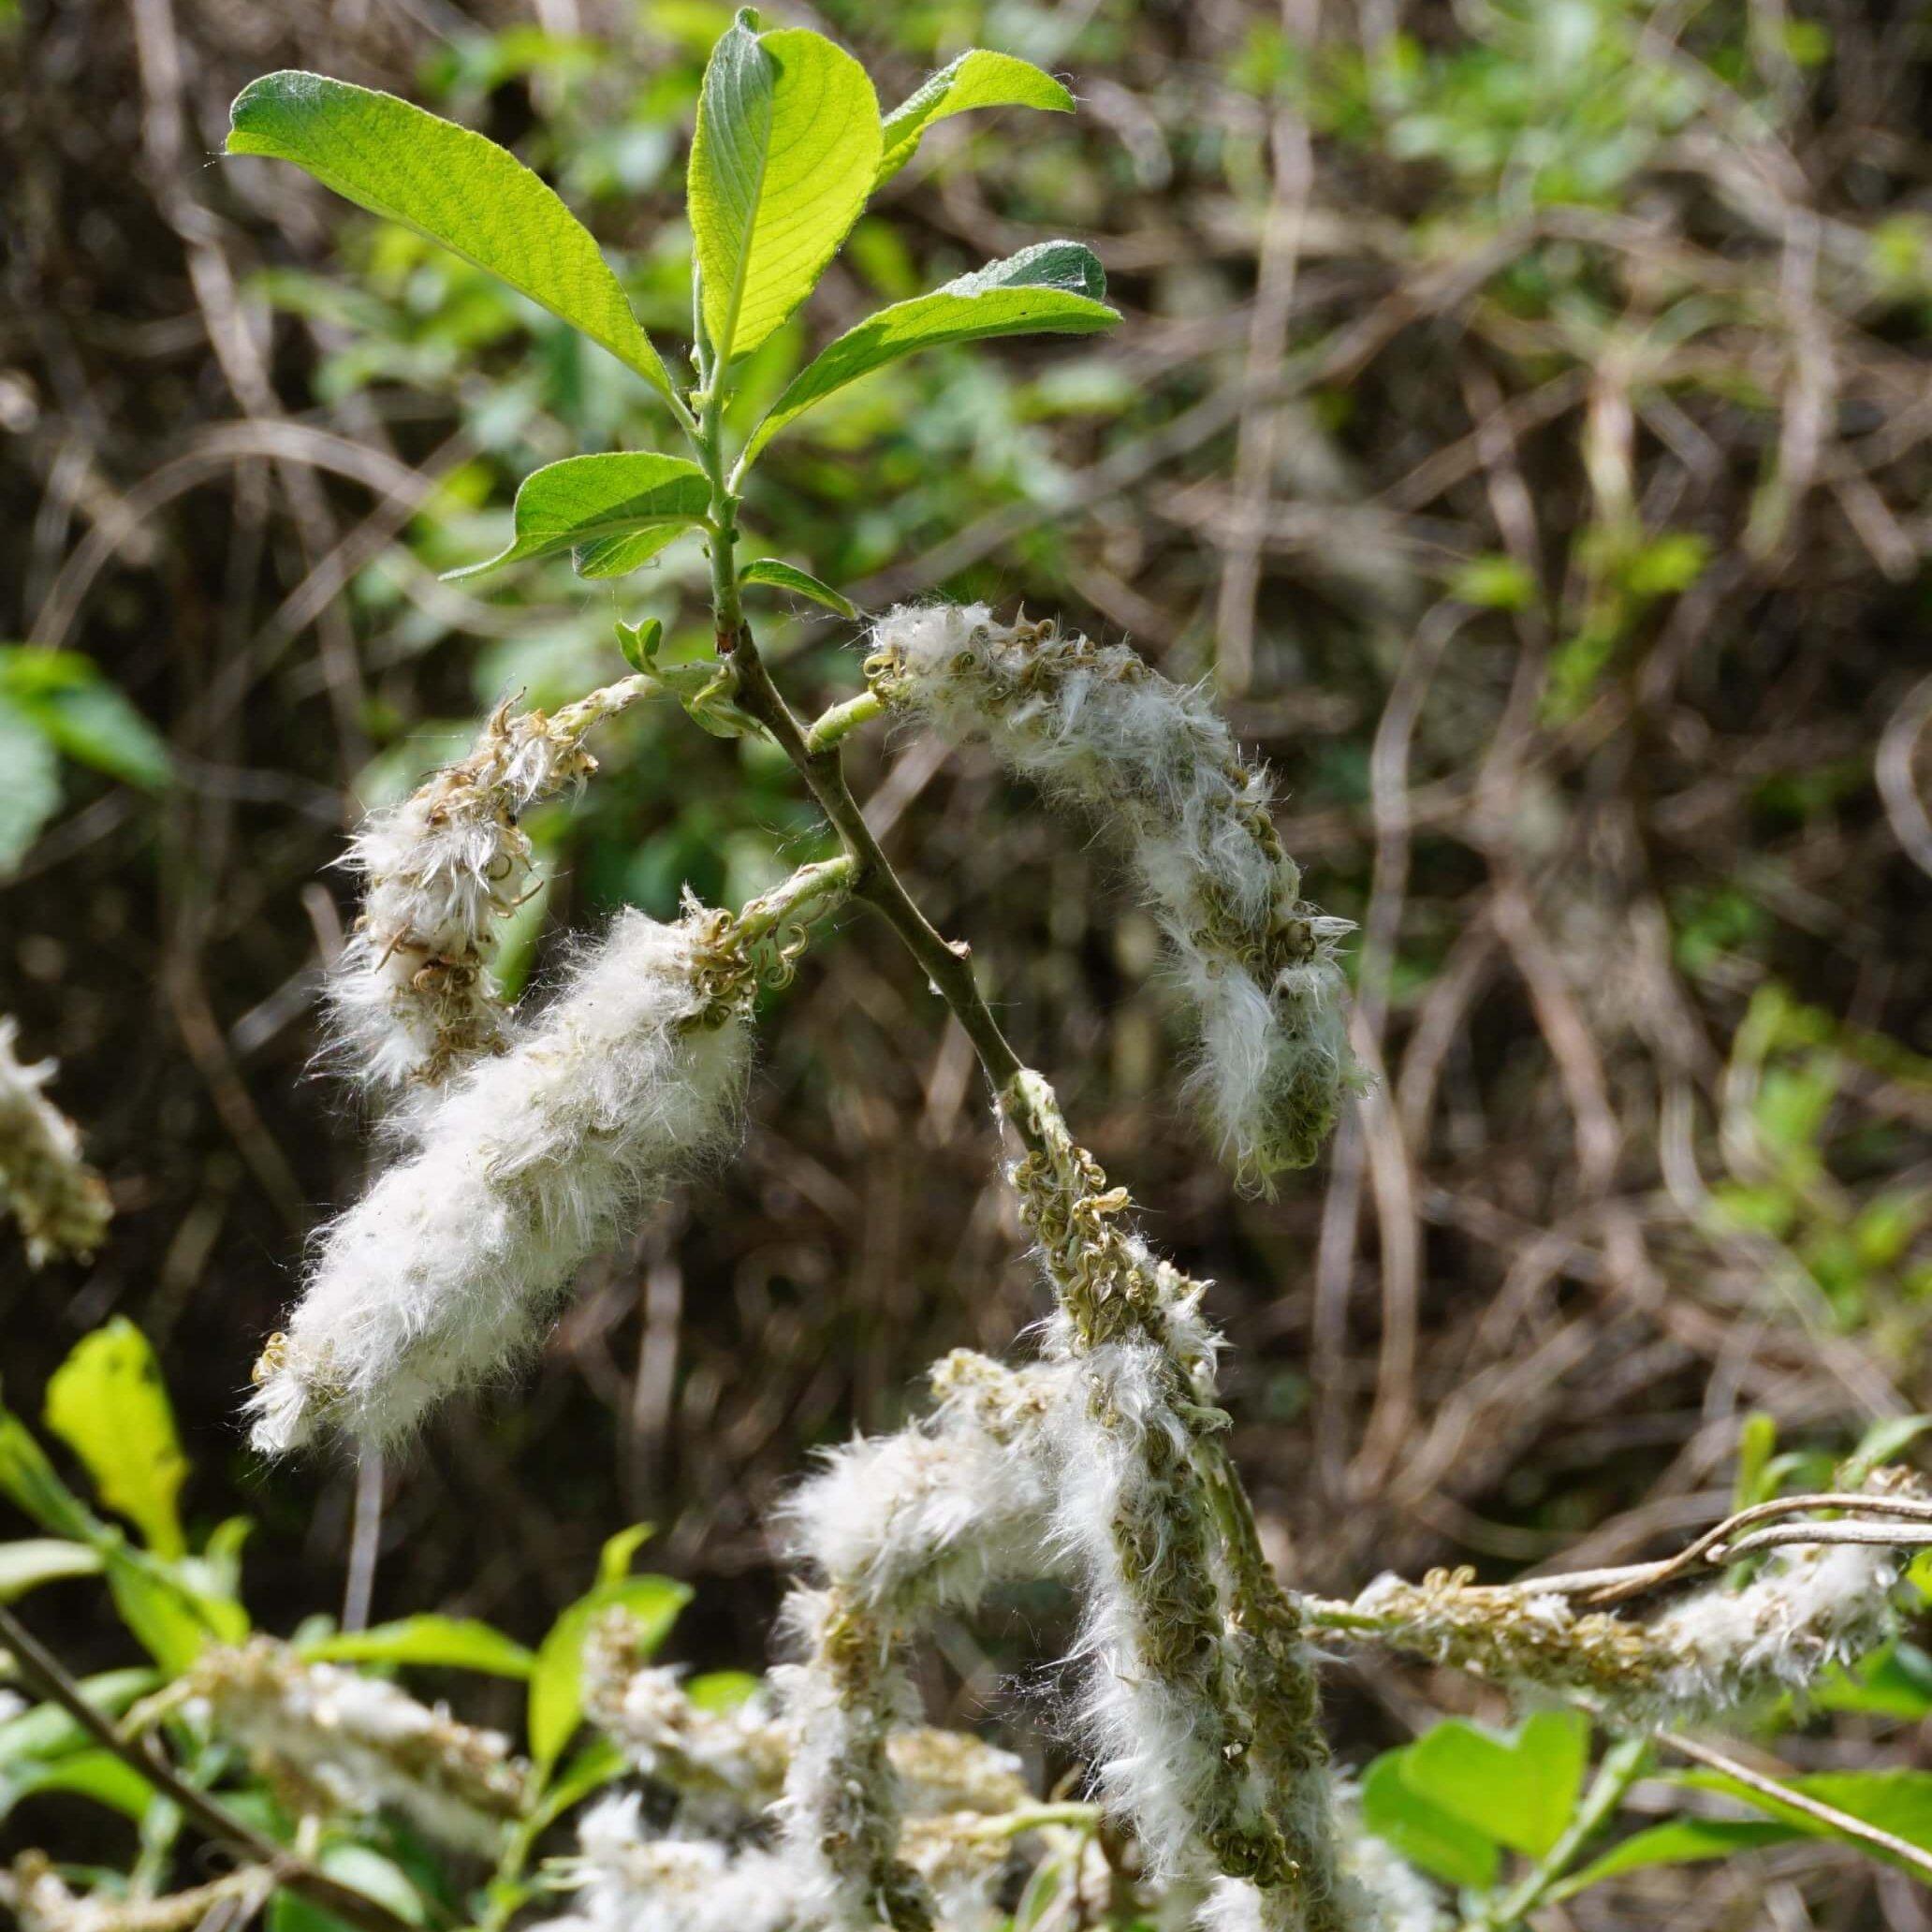 Das Bild zeigt Fruchtkätzchen einer Sal-Weide, aus denen die grauwollig behaarten Samen aus den grünen Kapselfrüchten austreten. Hier an einem Exemplar am Wiesengraben im Köpenicker Stadtwald, Mai 2021.